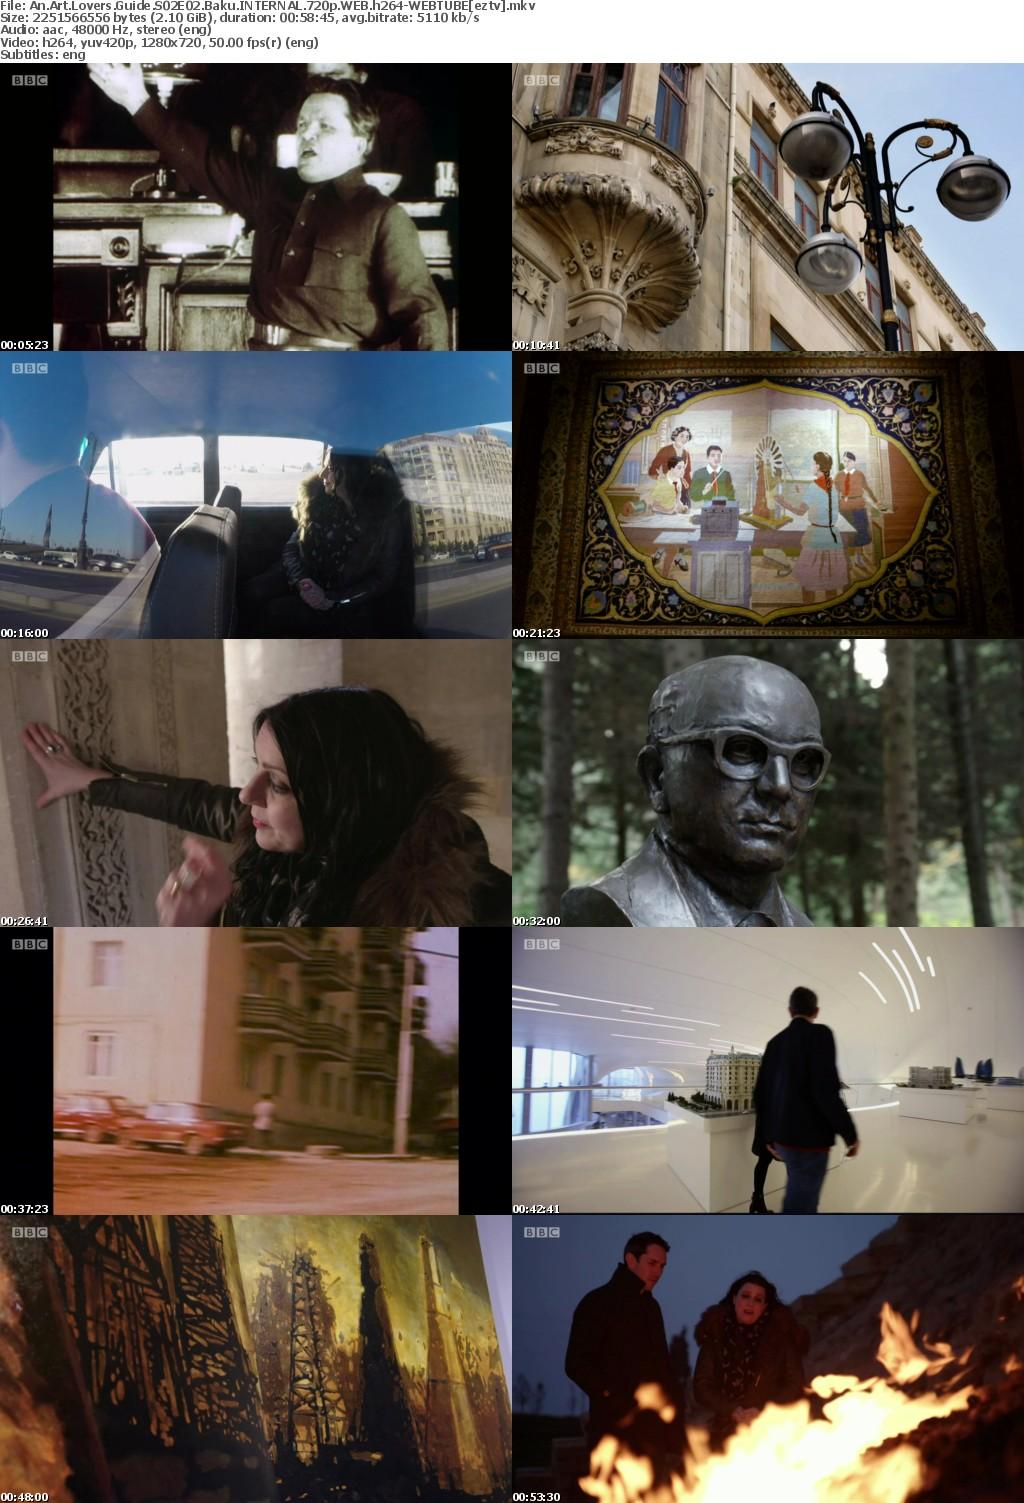 An Art Lovers Guide S02E02 Baku INTERNAL 720p WEB h264-WEBTUBE